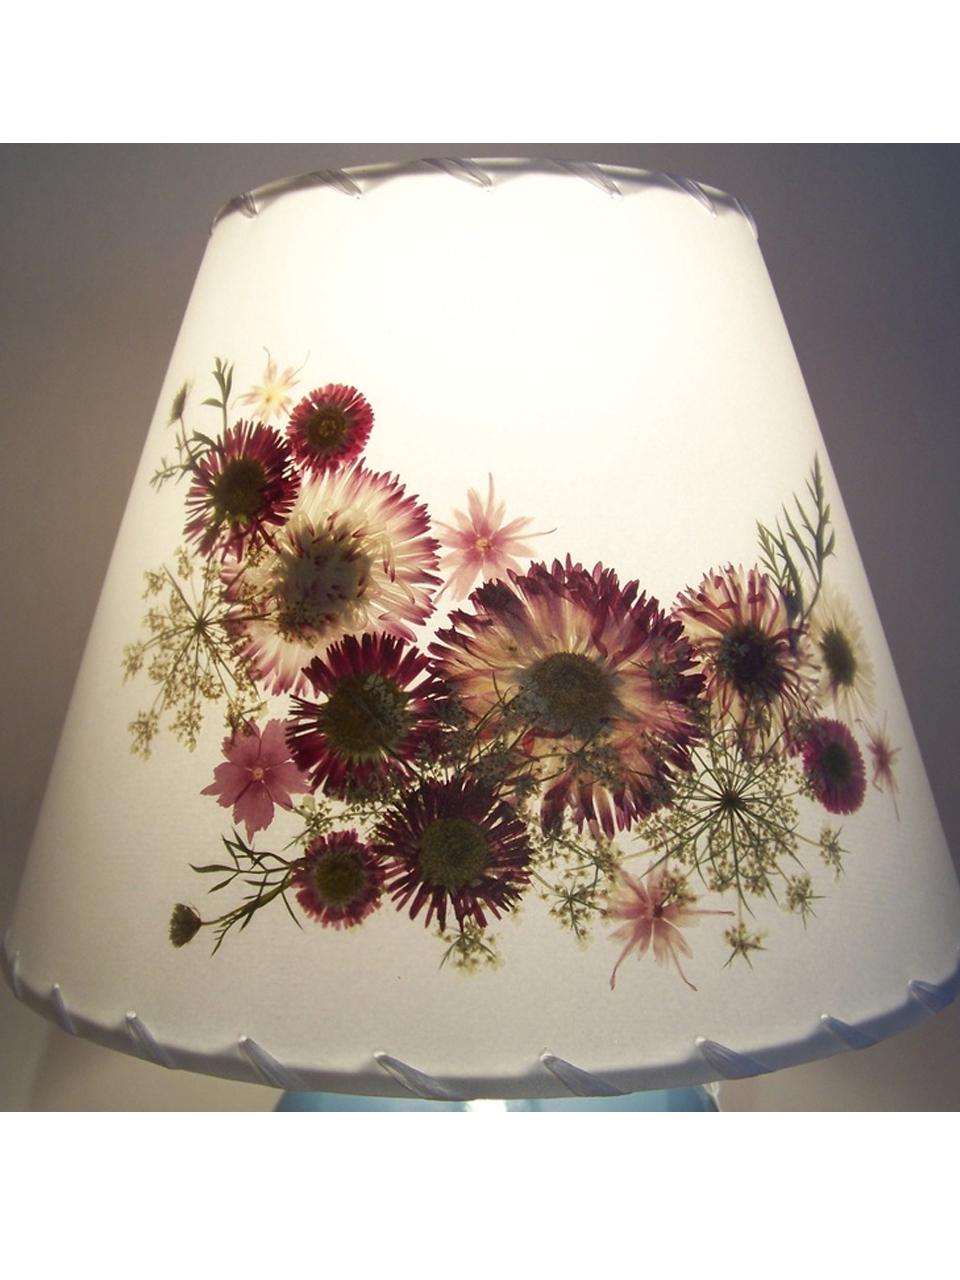 9 ideas de decoracin con flores secas